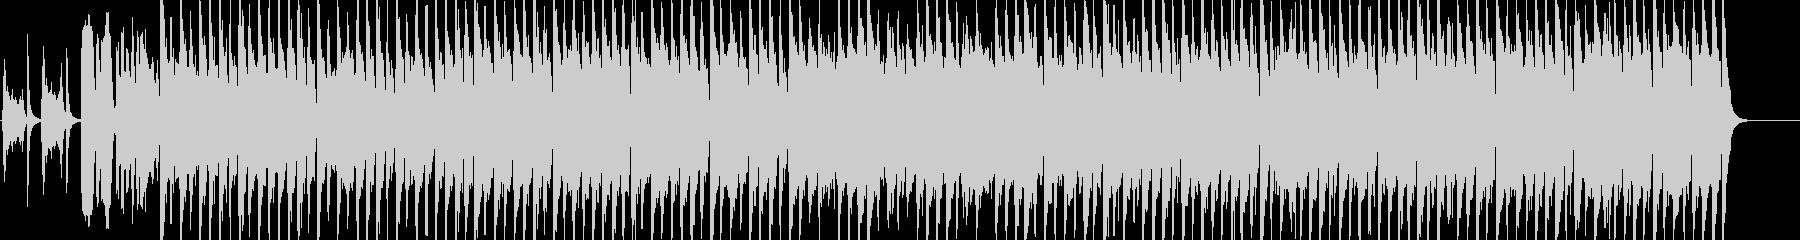 コミカルで楽しい行進曲風BGMの未再生の波形